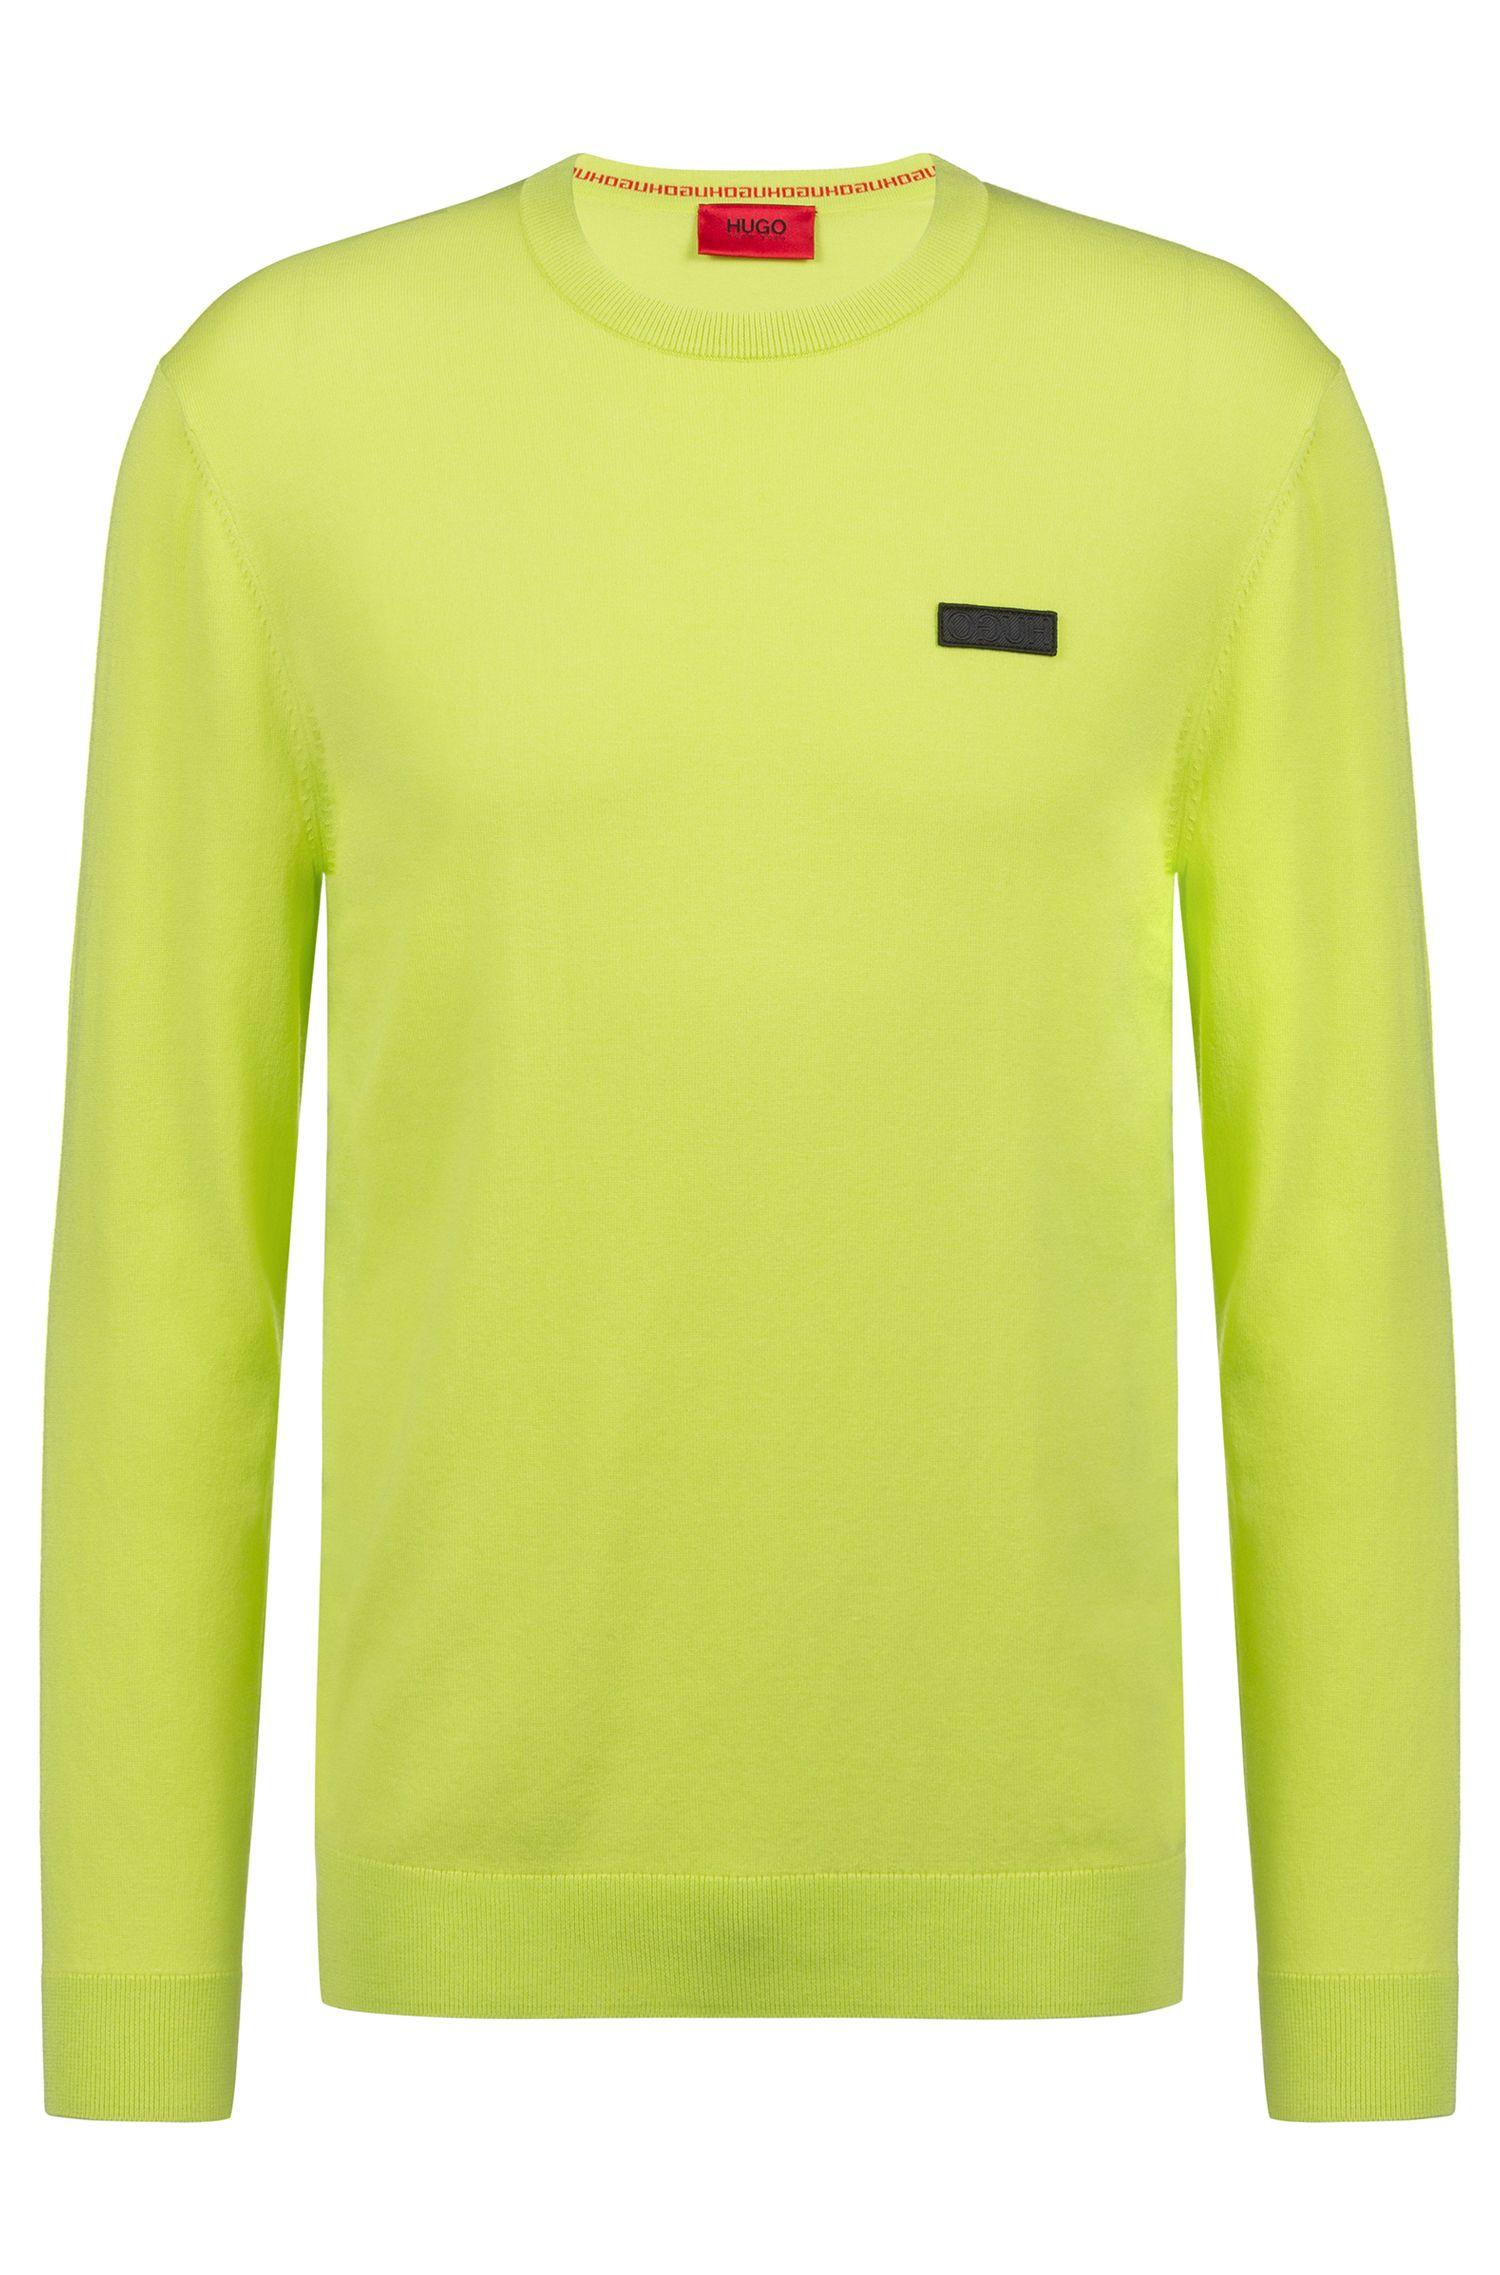 Jersey de cuello redondo en crepé con logo, Amarillo